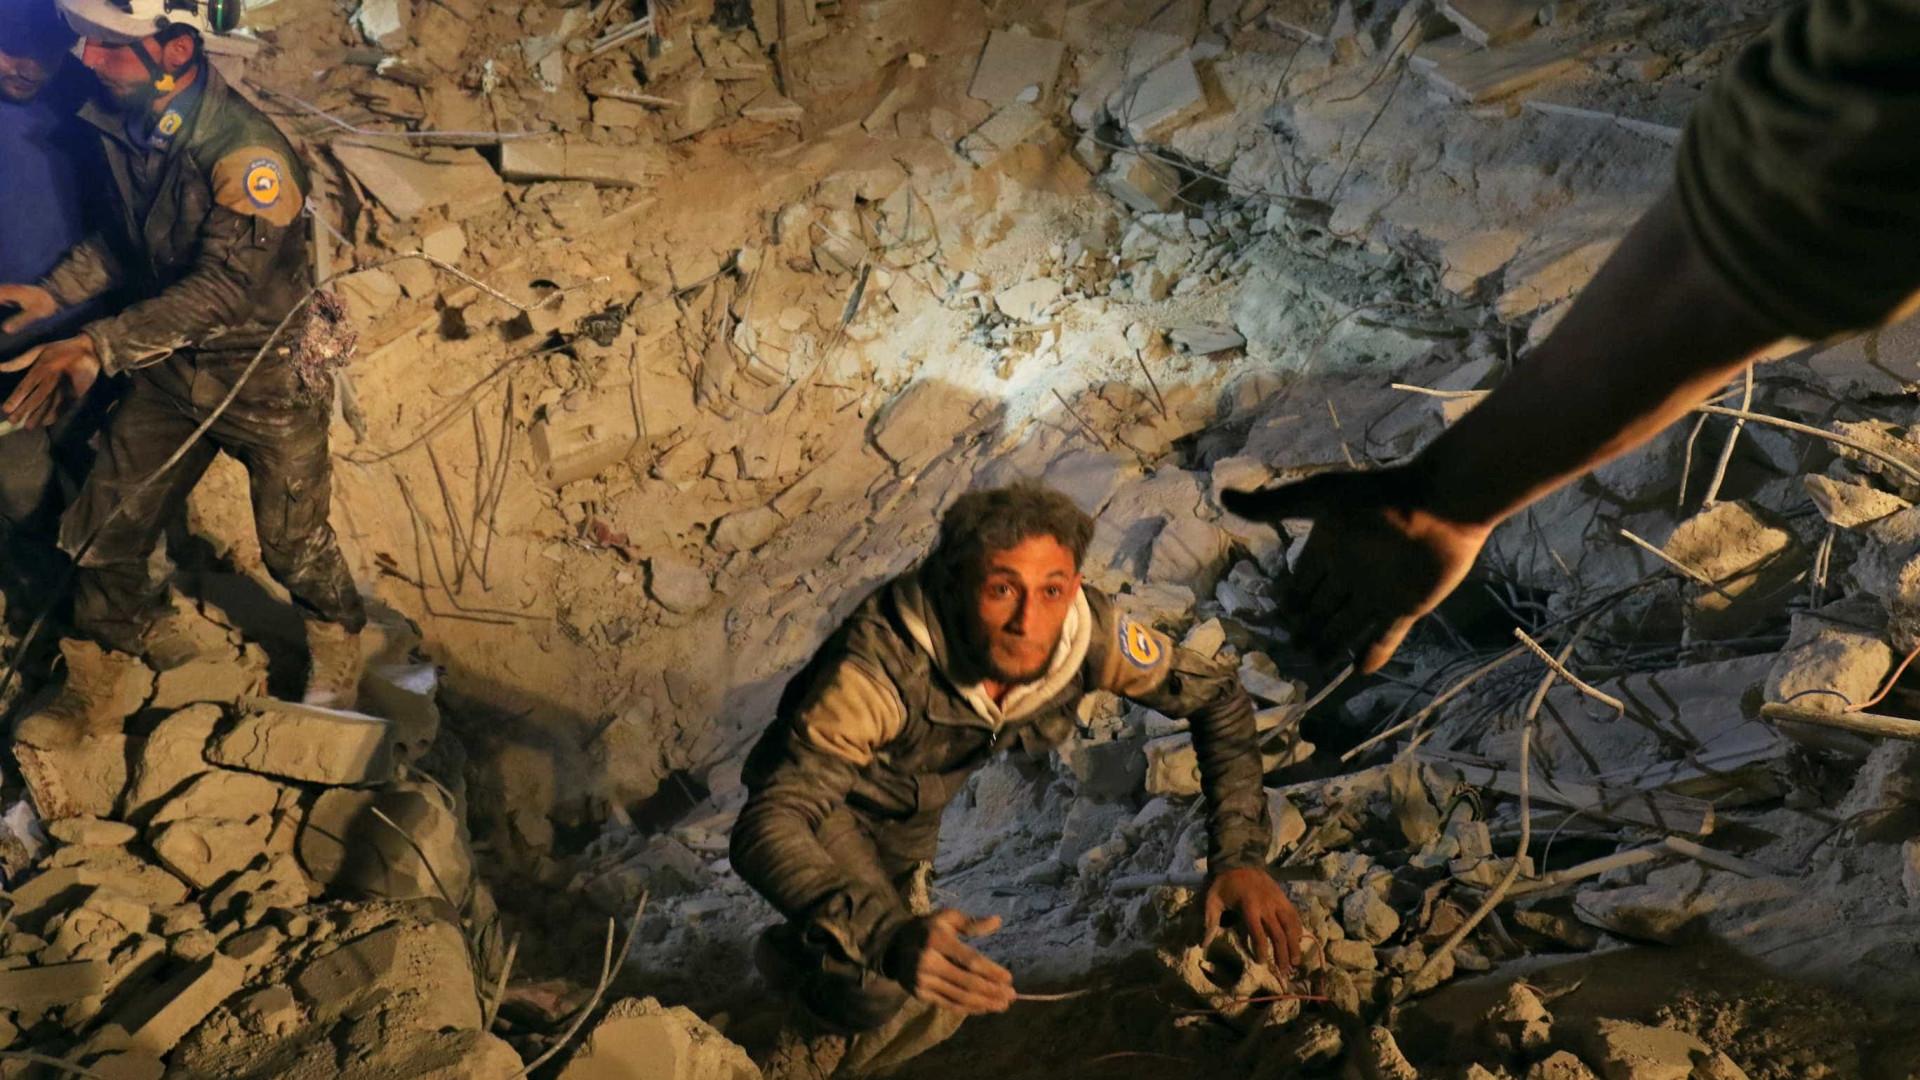 Opaq confirma possível uso de cloro em ataque na Síria